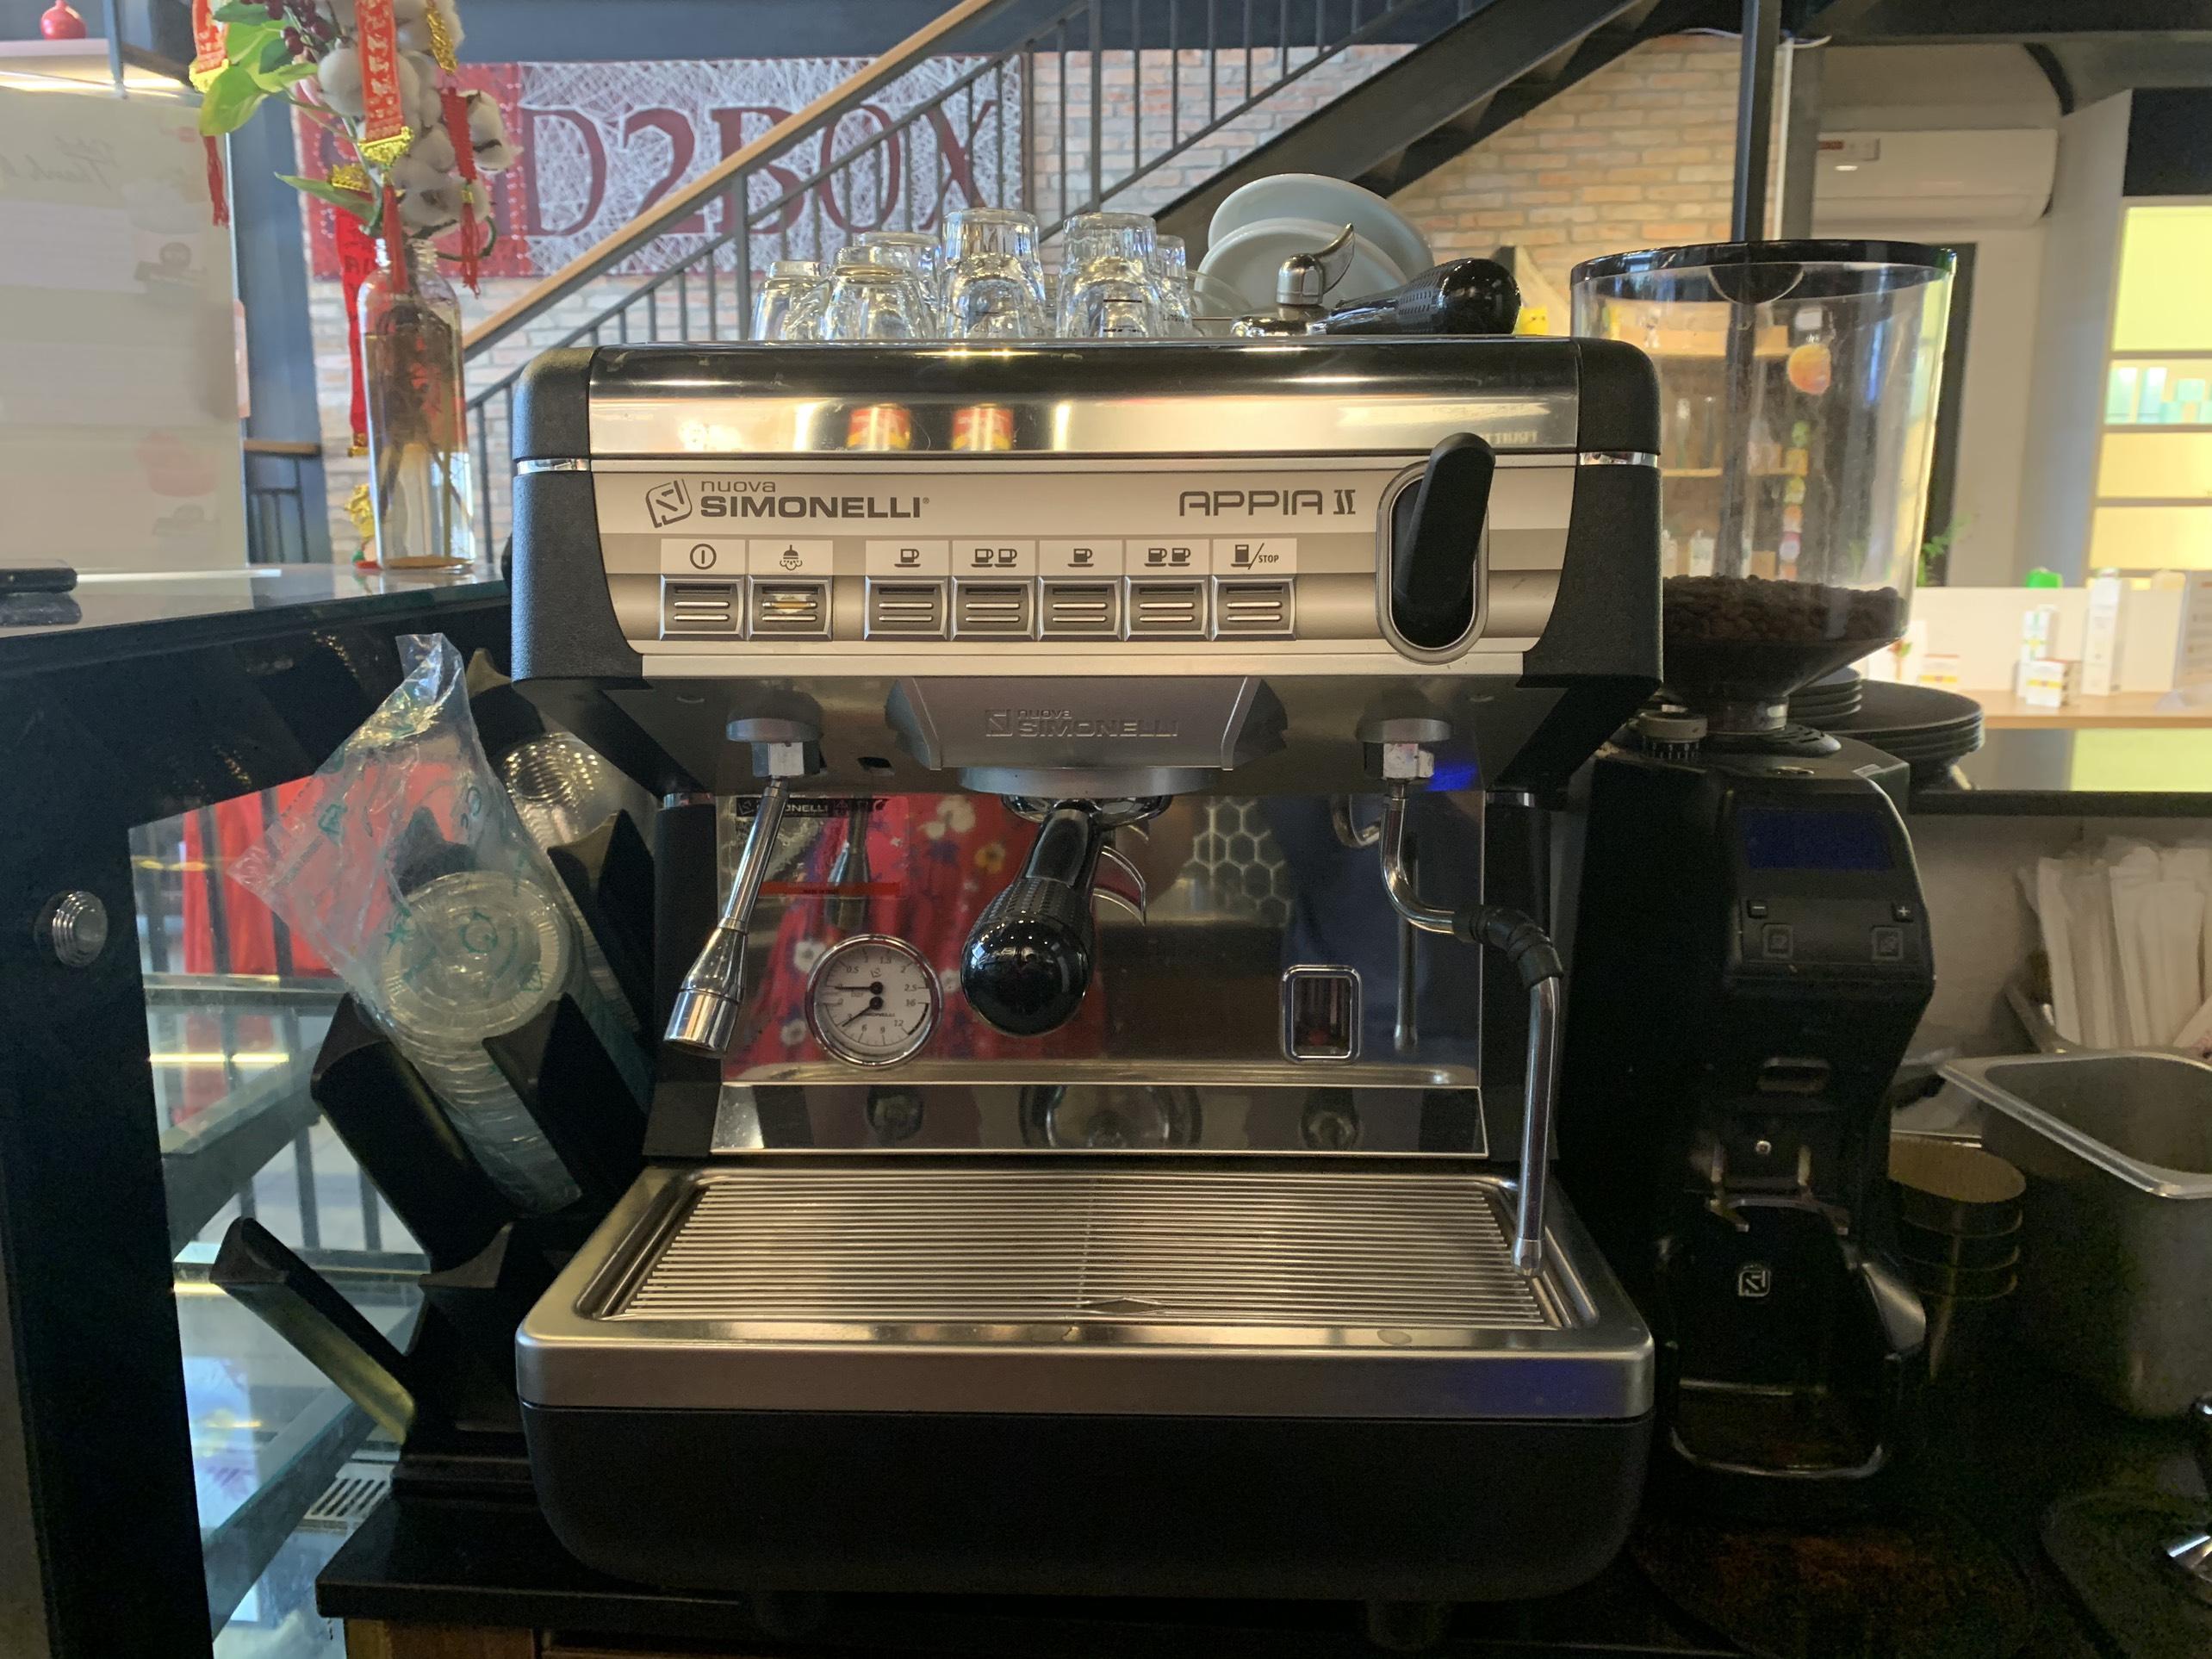 Thanh lý nguyên bộ máy + say pha cafe SP001015